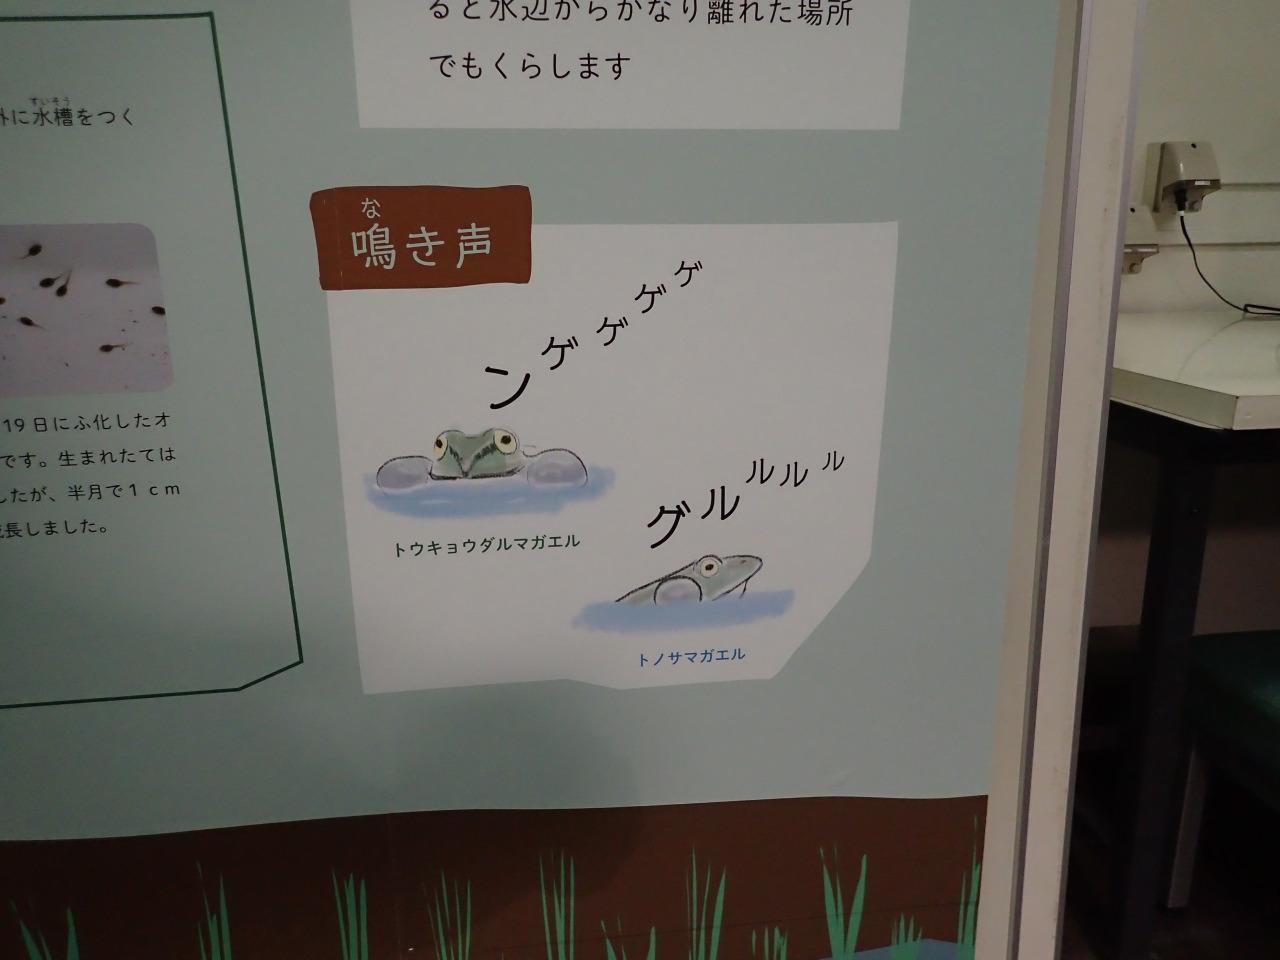 トウキョウダルマガエル@井の頭自然文化園